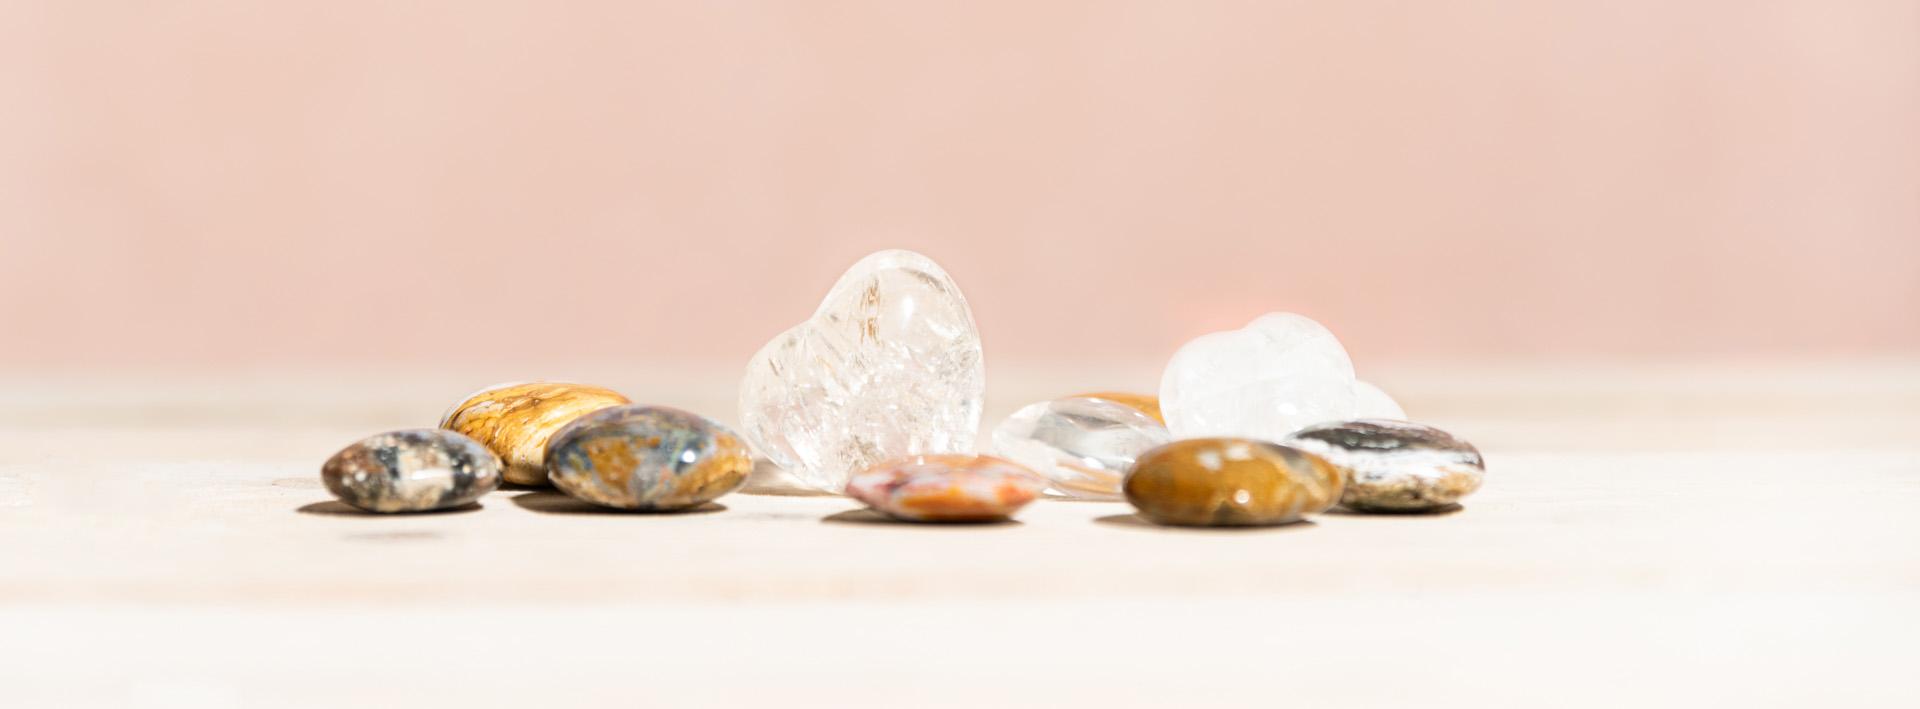 Kristallen_5